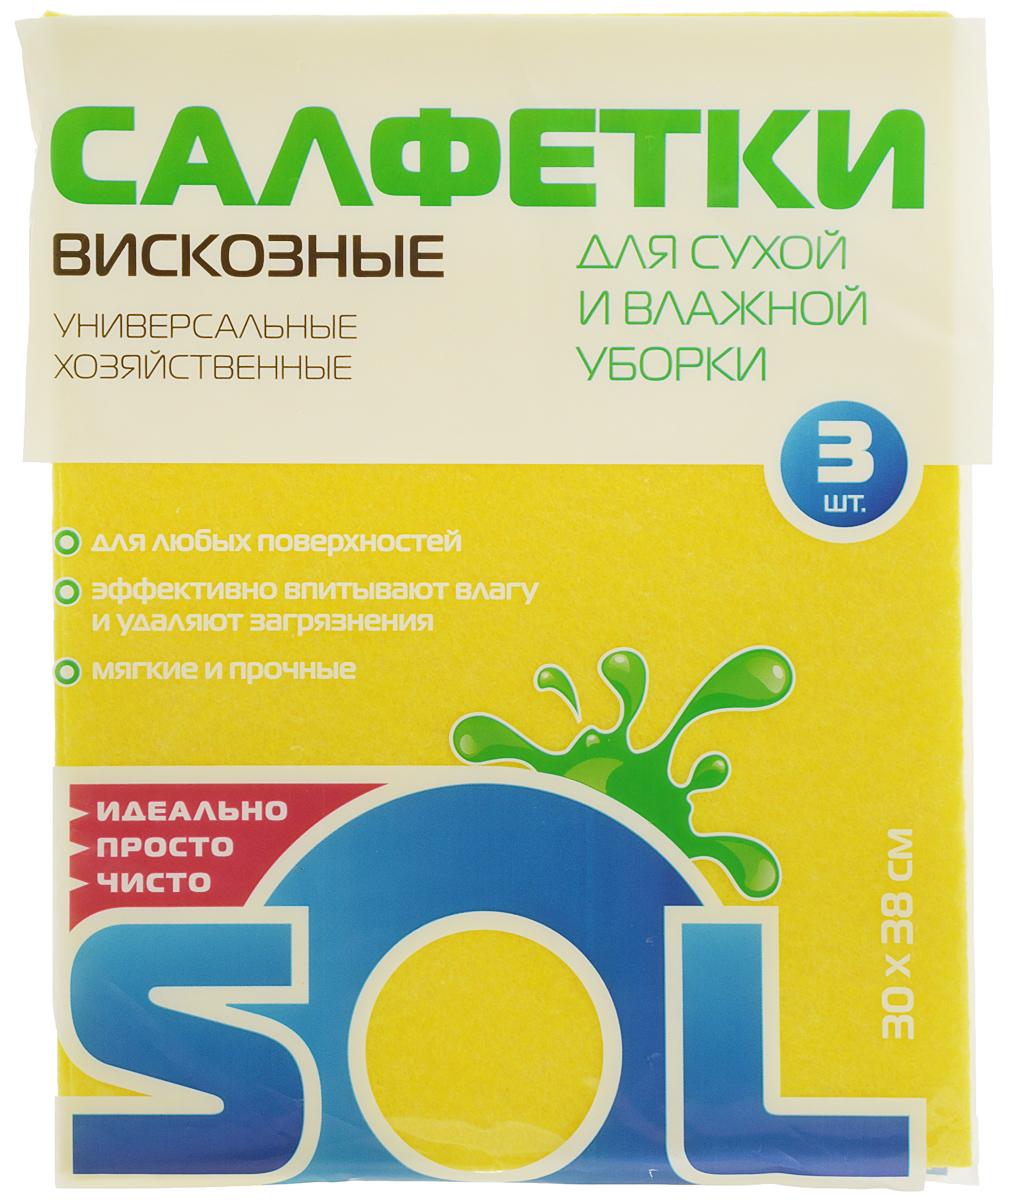 салфетки для уборки valiant салфетка для уборки 30 30 см оранжевая шт Салфетка для уборки Sol из вискозы, универсальная, цвет: желтый, 30 x 38 см, 3 шт